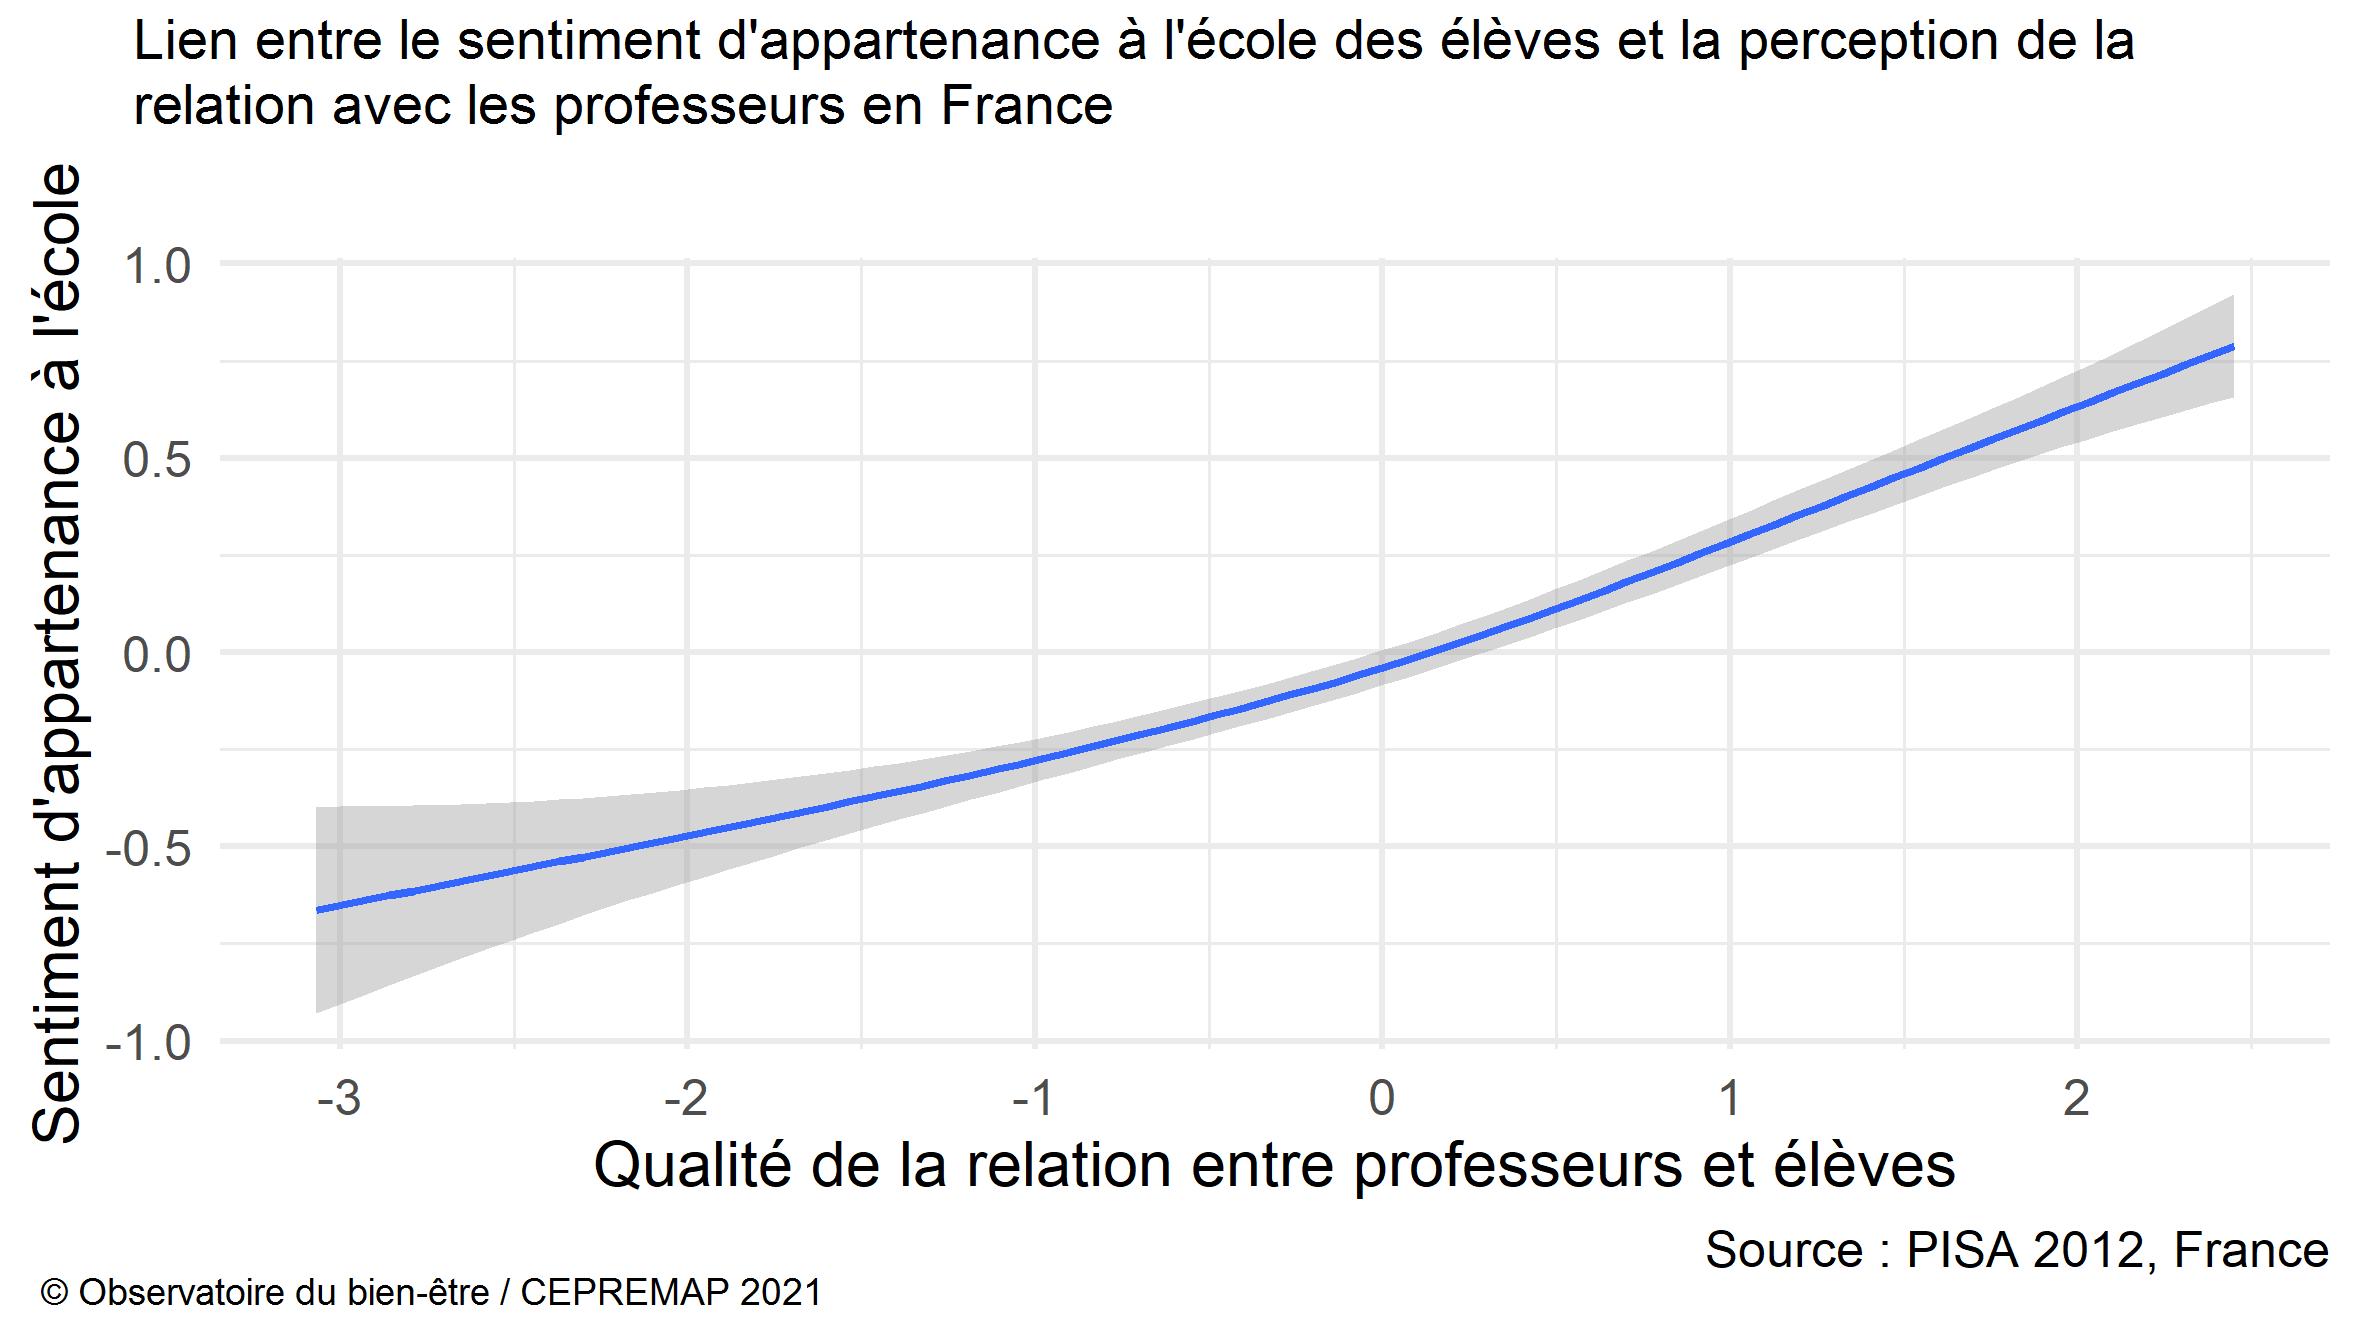 Figure : Lien entre le sentiment d'appartenance à l'école des élèveeesss et la perception de la relation avec les professeurs en France